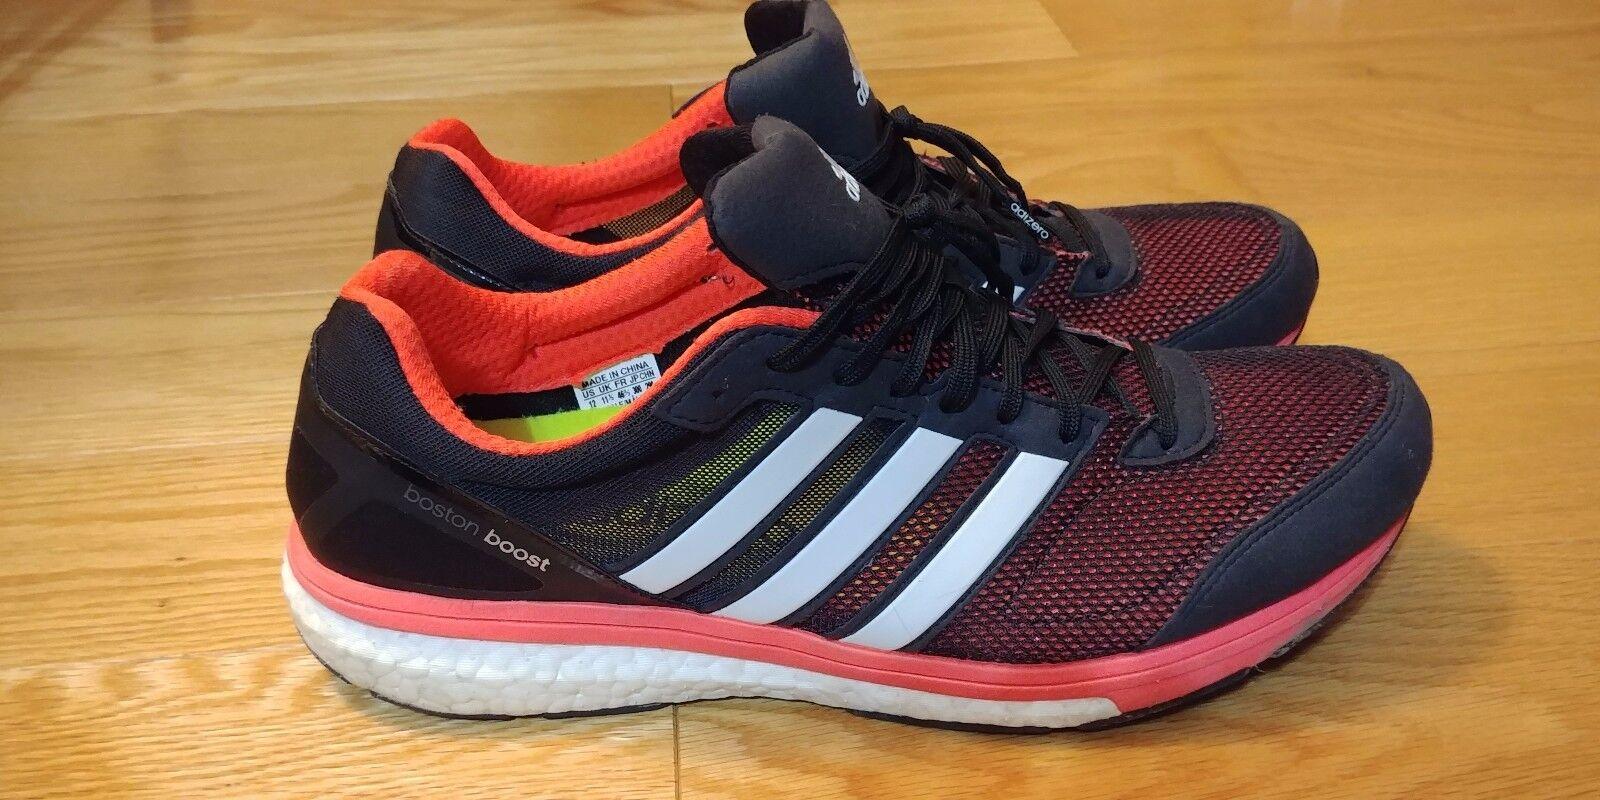 ADIDAS Adizero Boston Boost 5 M - Running, Cross Training (Men's 12)